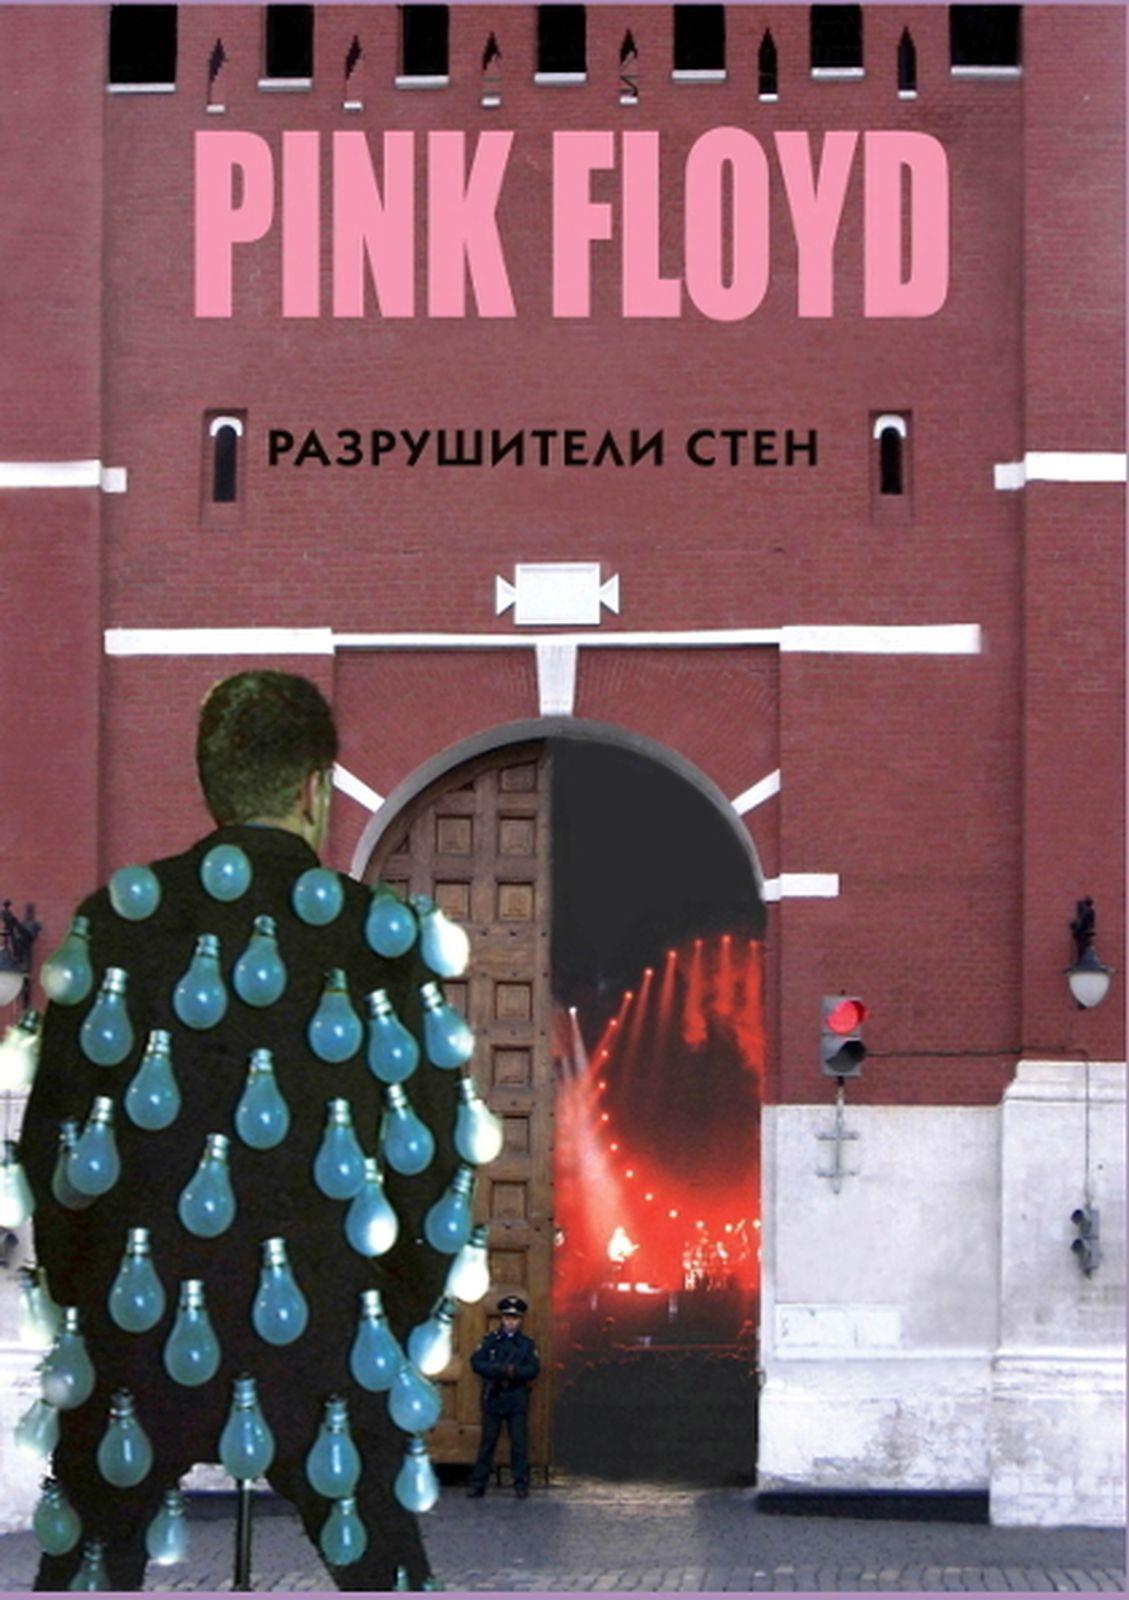 Pink Floyd. Разрушители стен